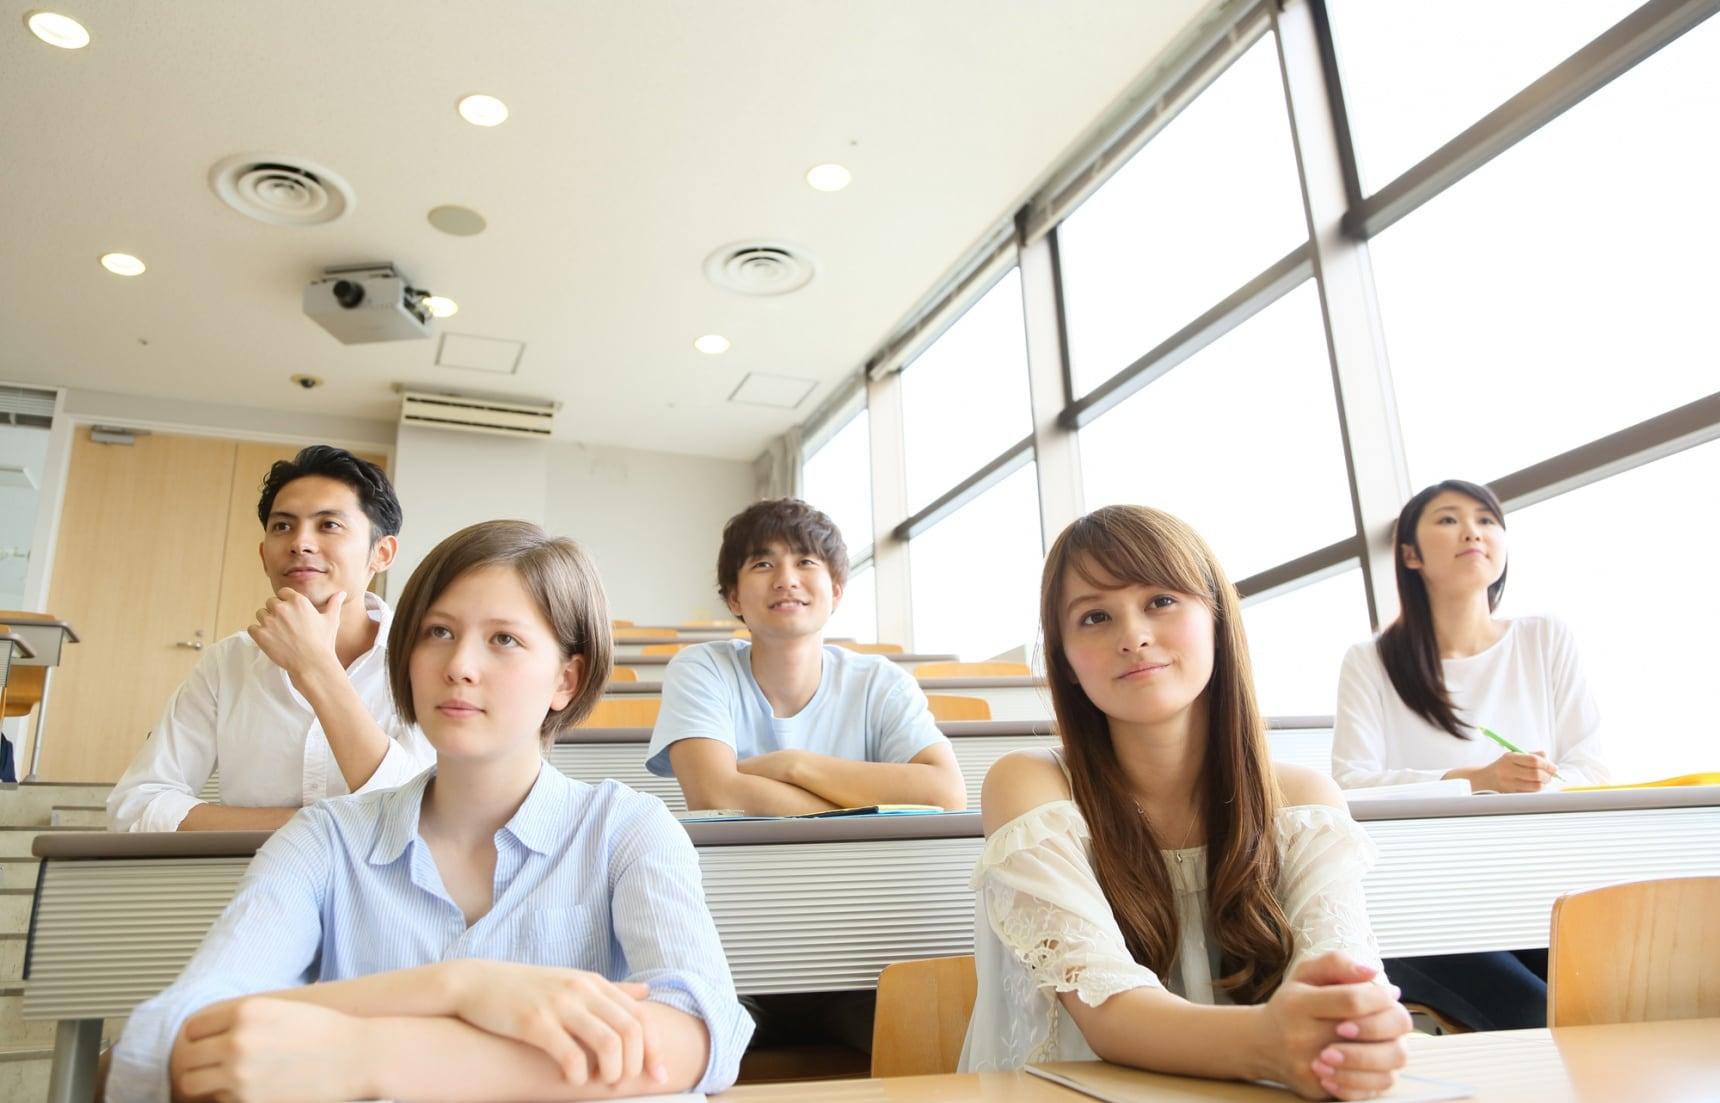 เรียนภาษาญี่ปุ่นฟรี ลองถามสำนักงานเขตดูนะ